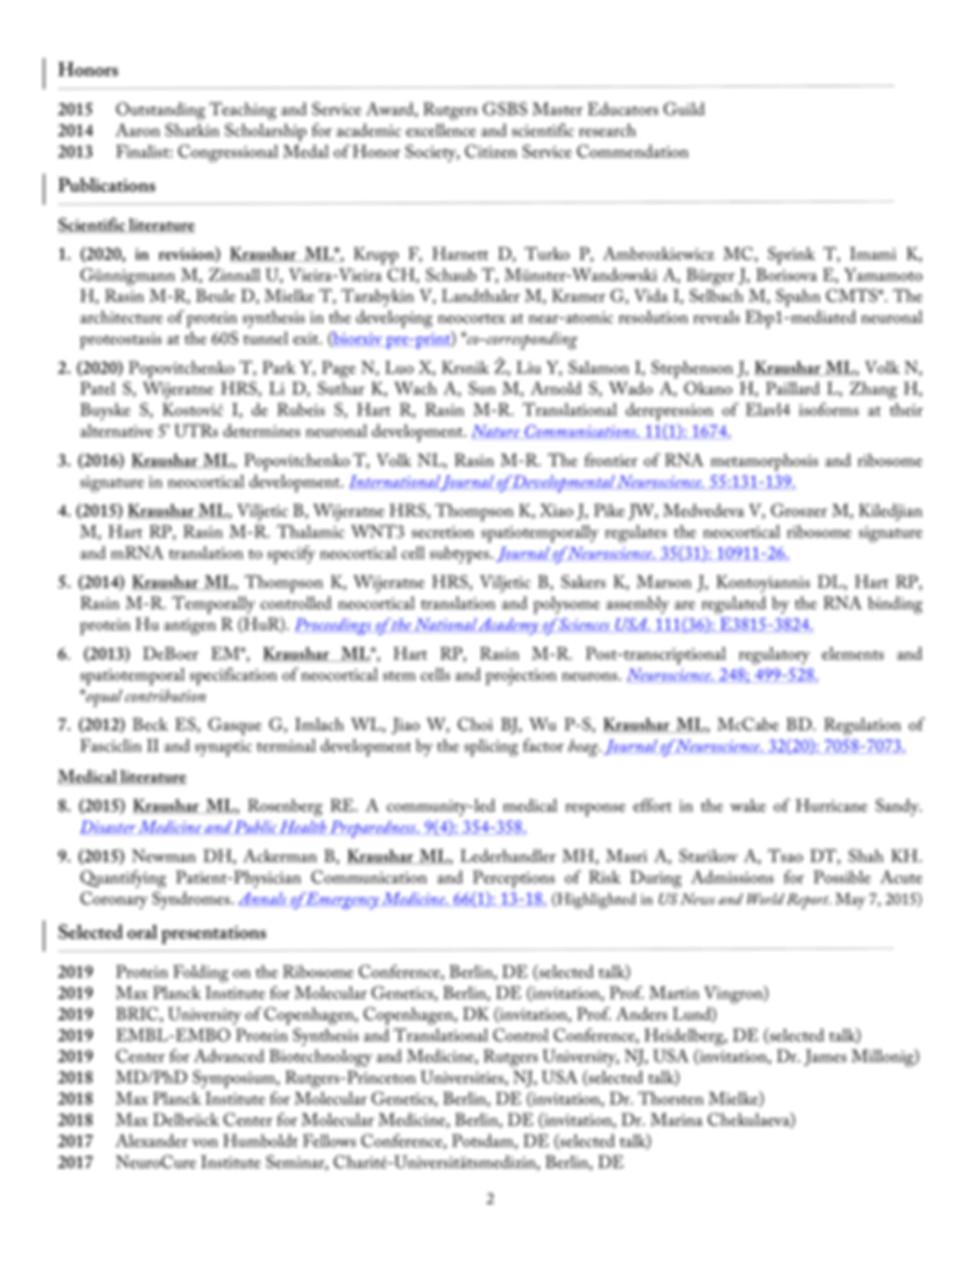 CV_website_2.jpg